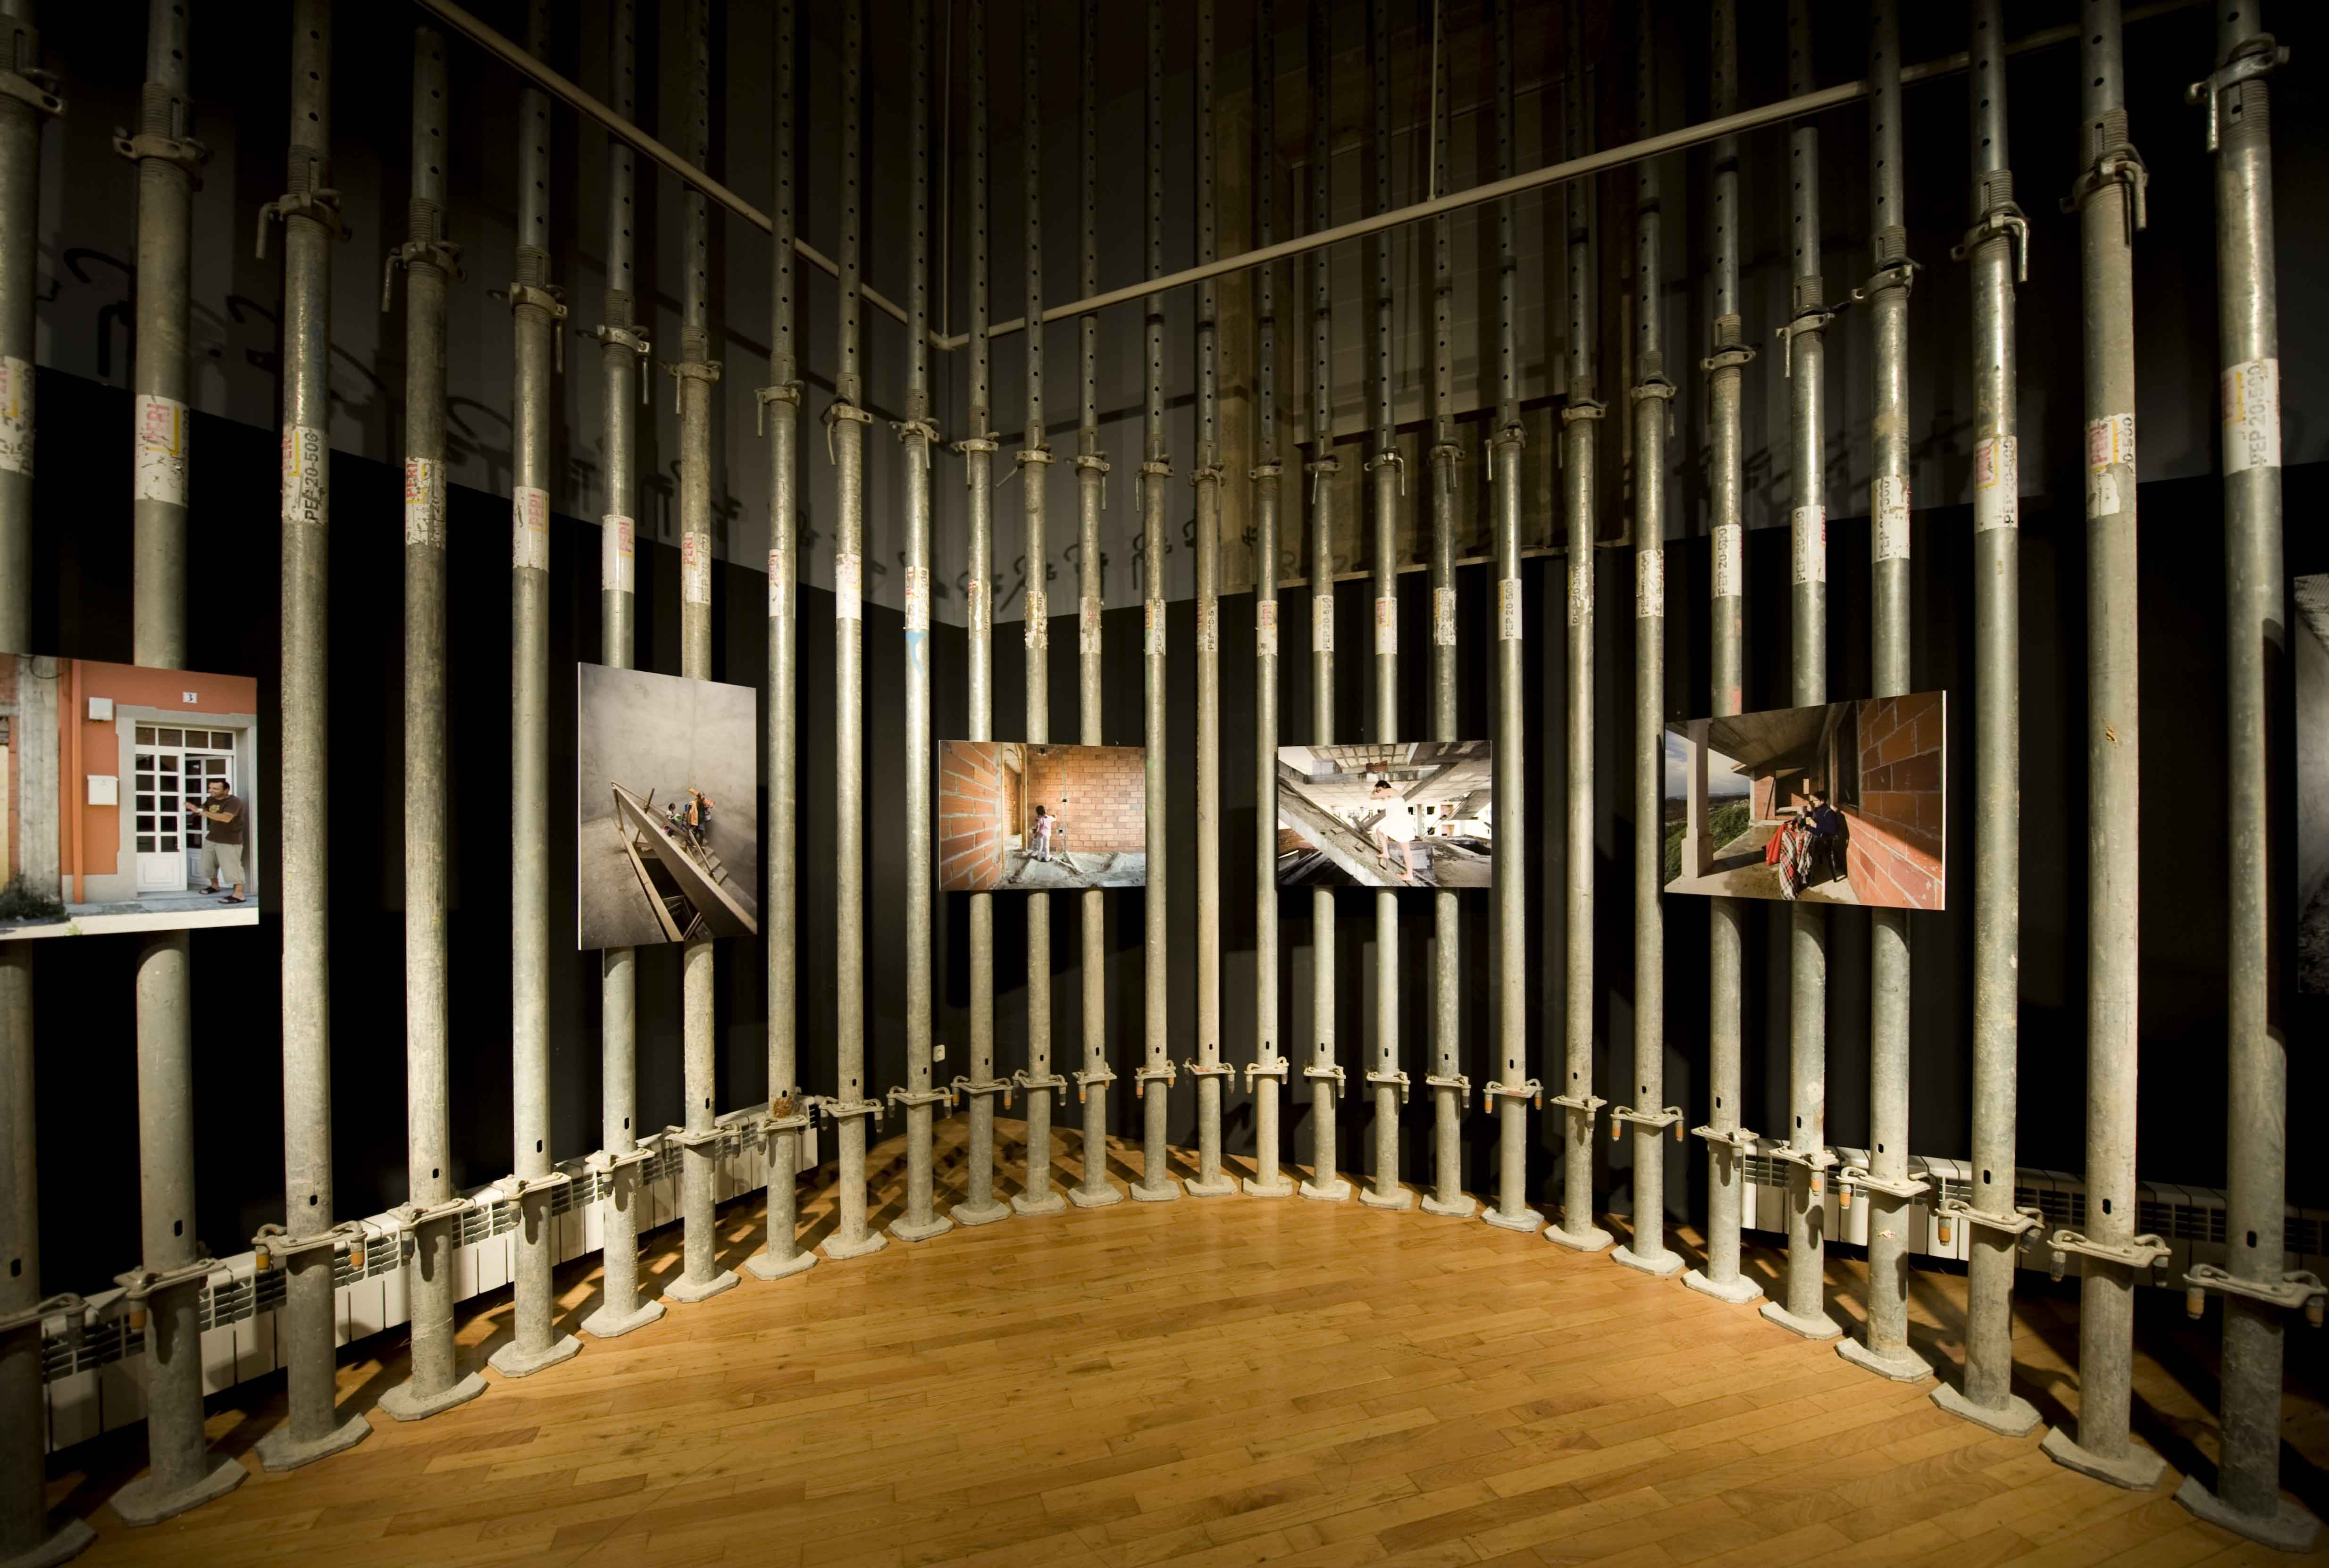 Unha exposición achégase criticamente ao modelo construtivo actual